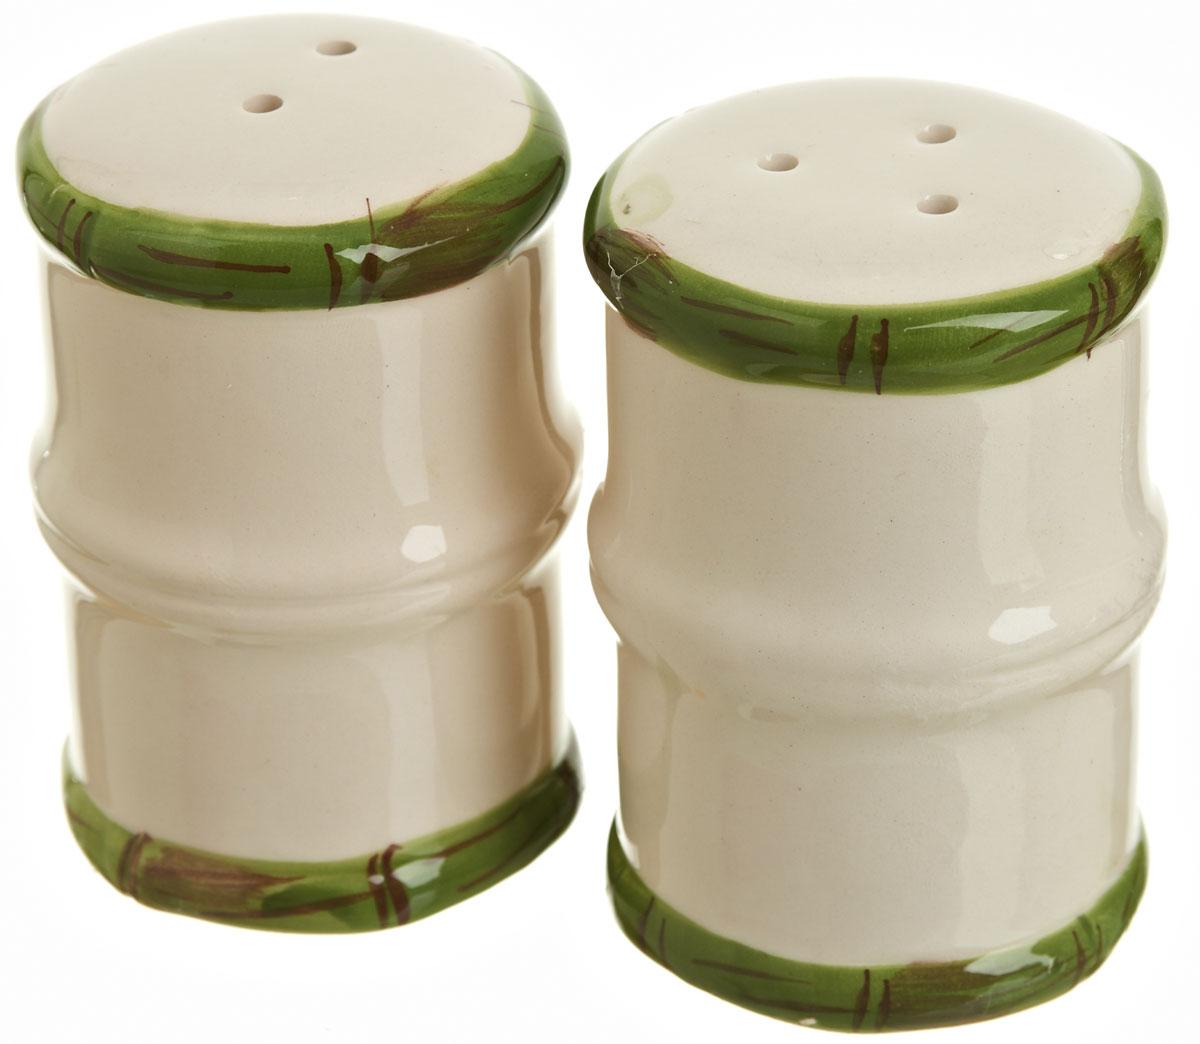 Набор для специй Polystar Nature Design, 2 предметаVT-1520(SR)Набор для специй Nature Design выполнен из керамики, состоит из солонки и перечницы. Изделия оригинальной формы в виде бамбука. Благодаря своим компактным размерам не займет много места на вашей кухне.